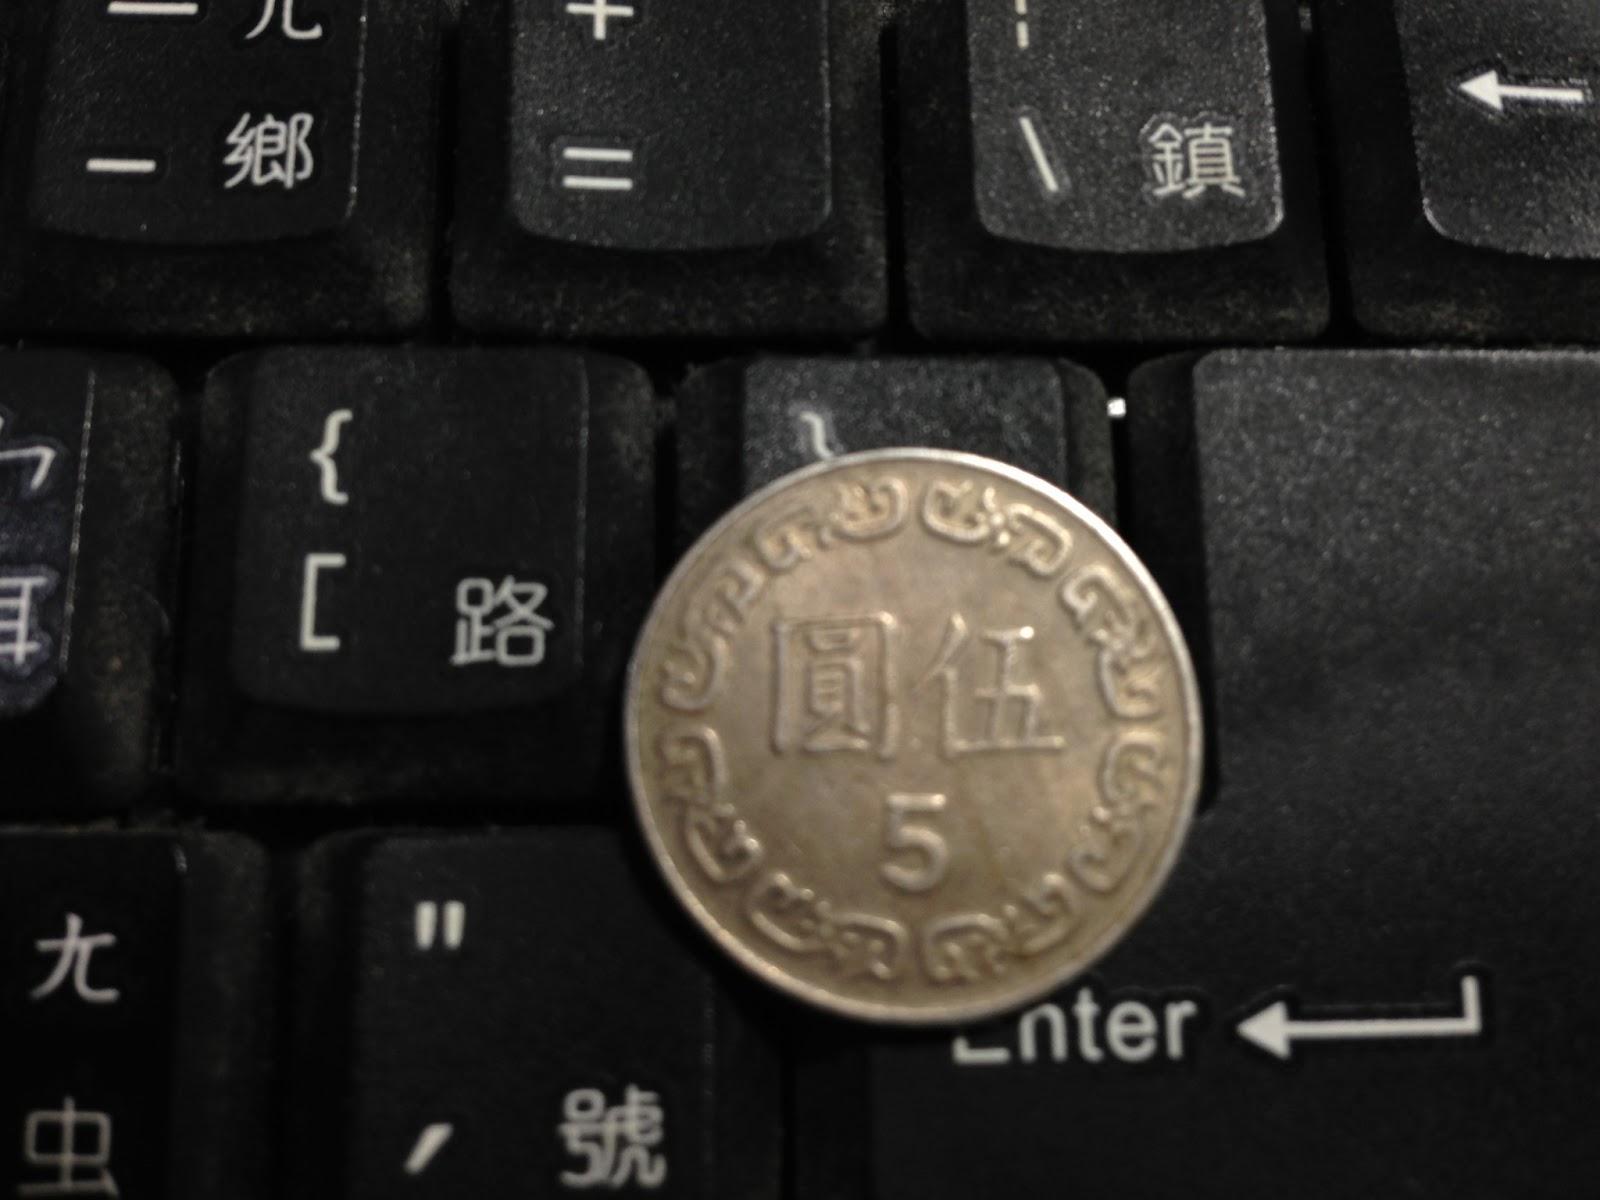 [小成本行銷術]如何用臺幣5元就可以創造10萬以上業績? | 網路創業課程